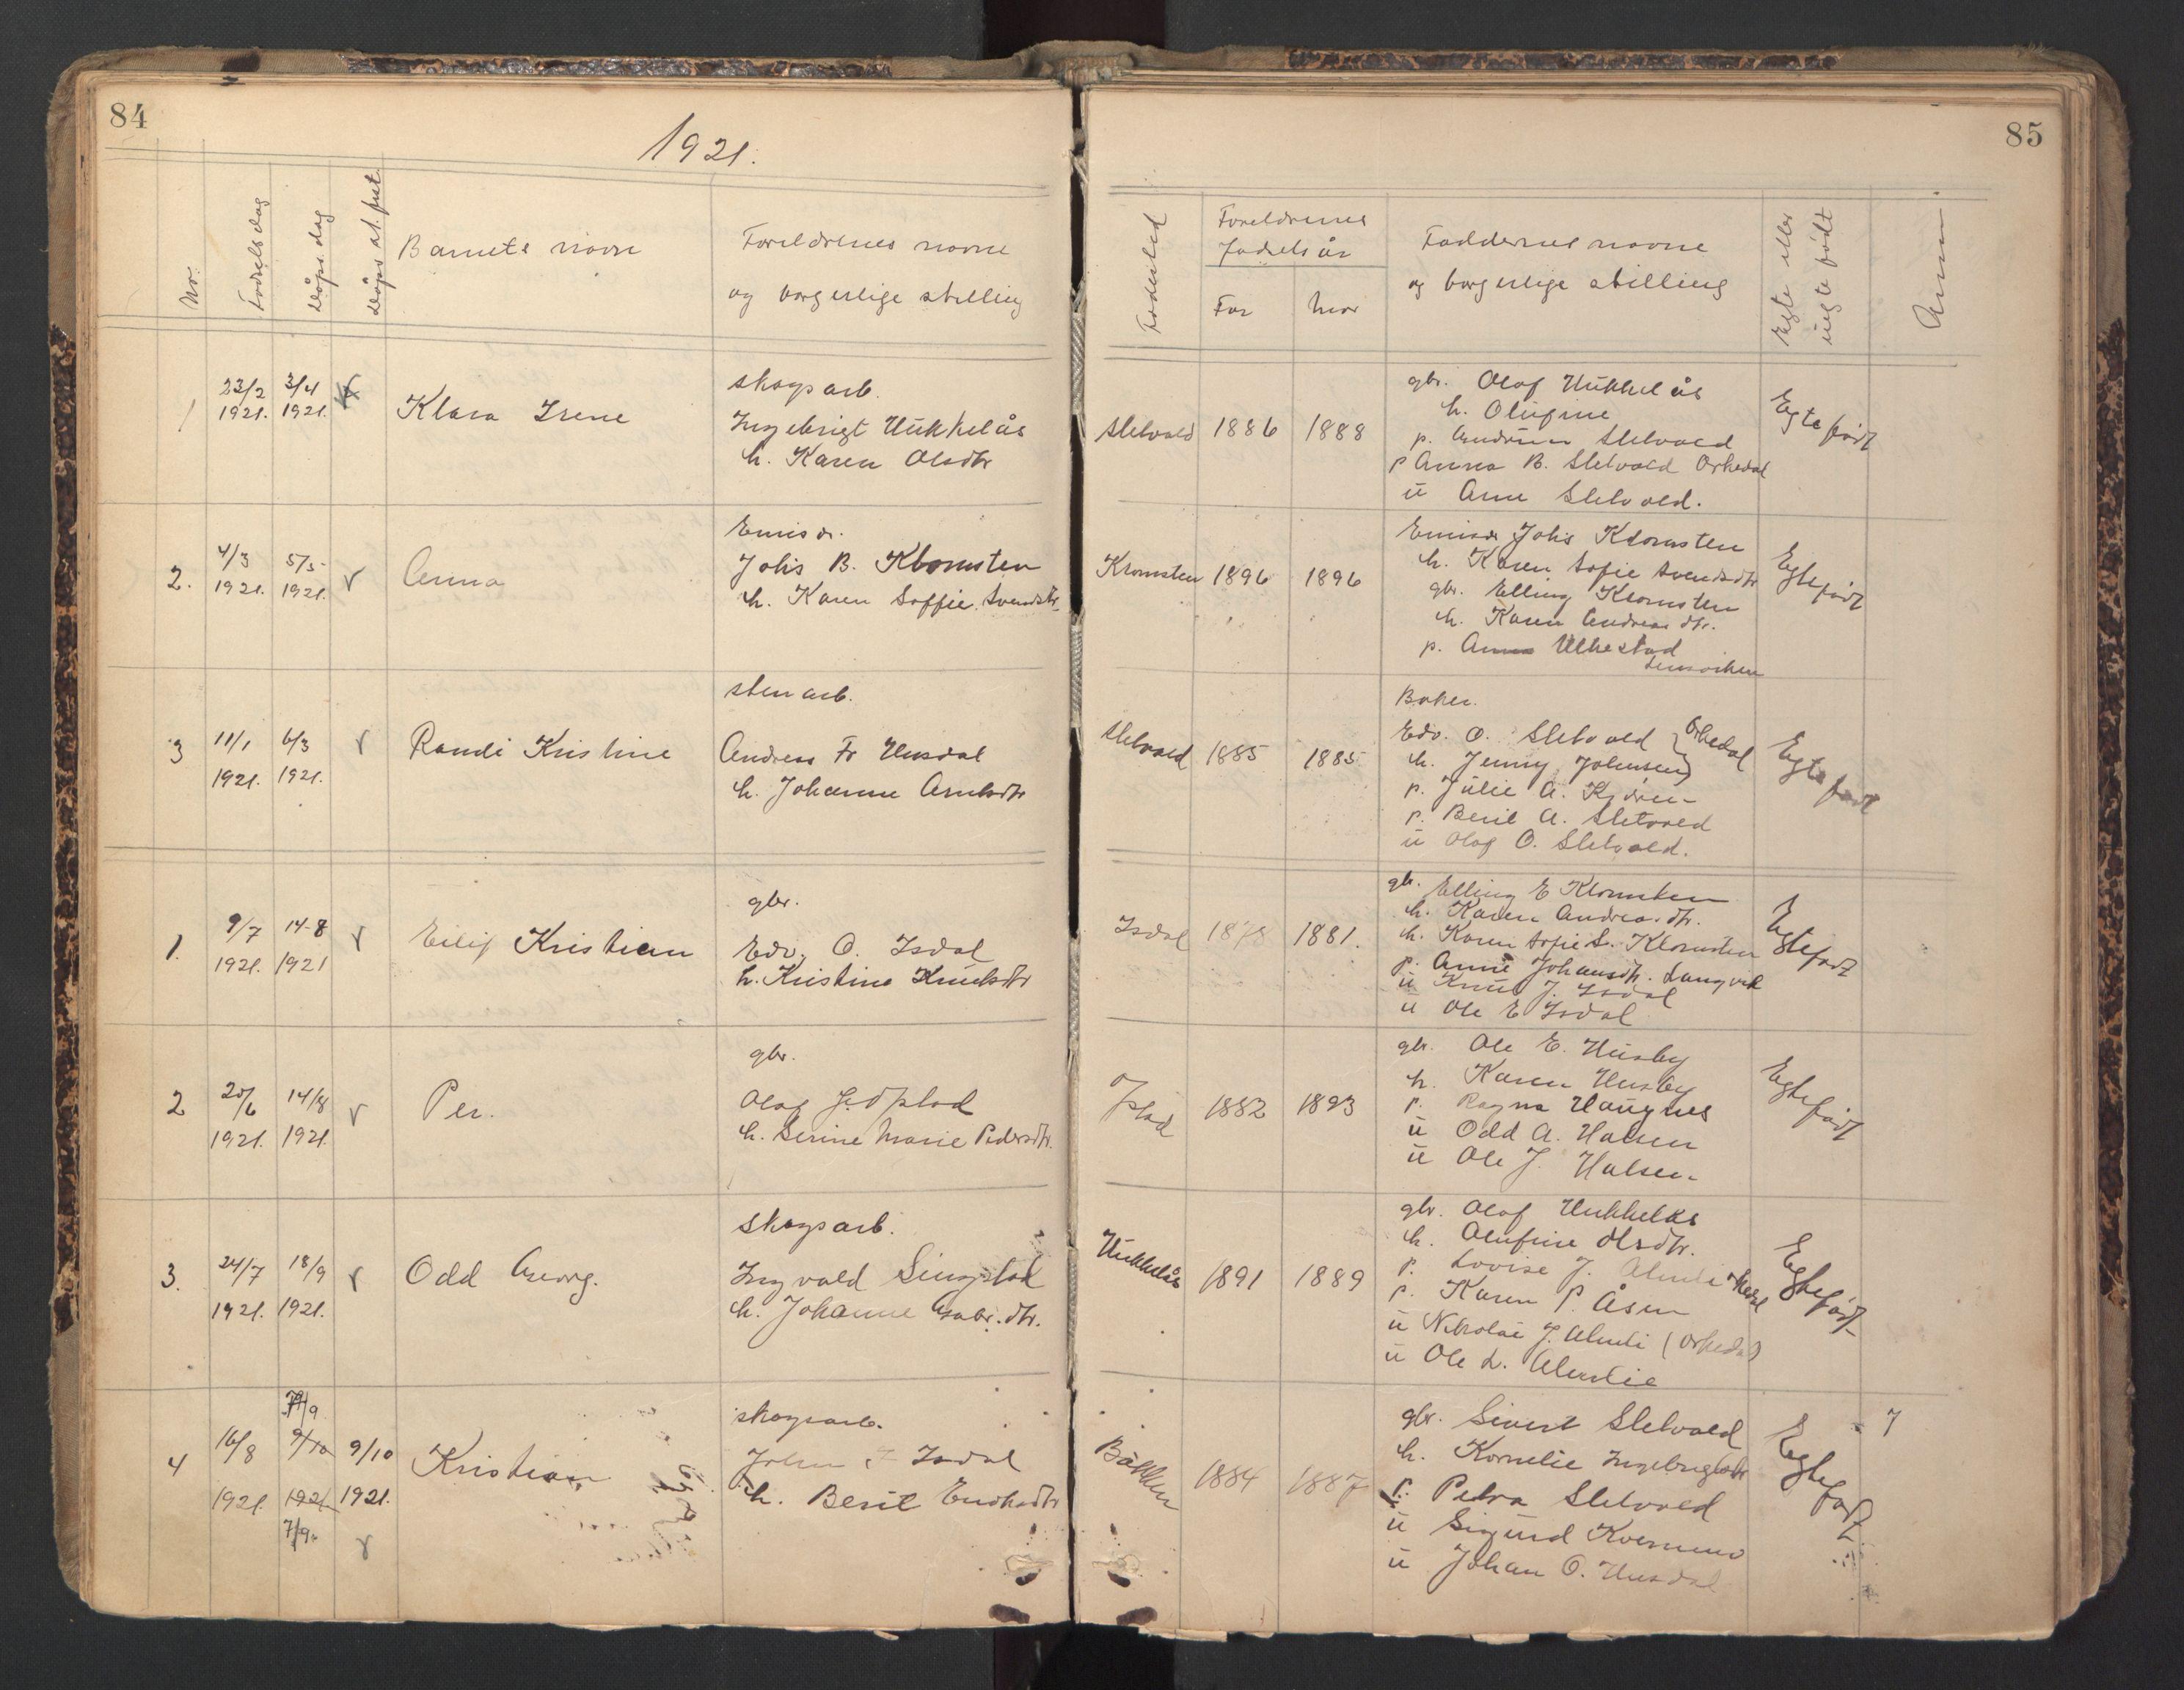 SAT, Ministerialprotokoller, klokkerbøker og fødselsregistre - Sør-Trøndelag, 670/L0837: Klokkerbok nr. 670C01, 1905-1946, s. 84-85